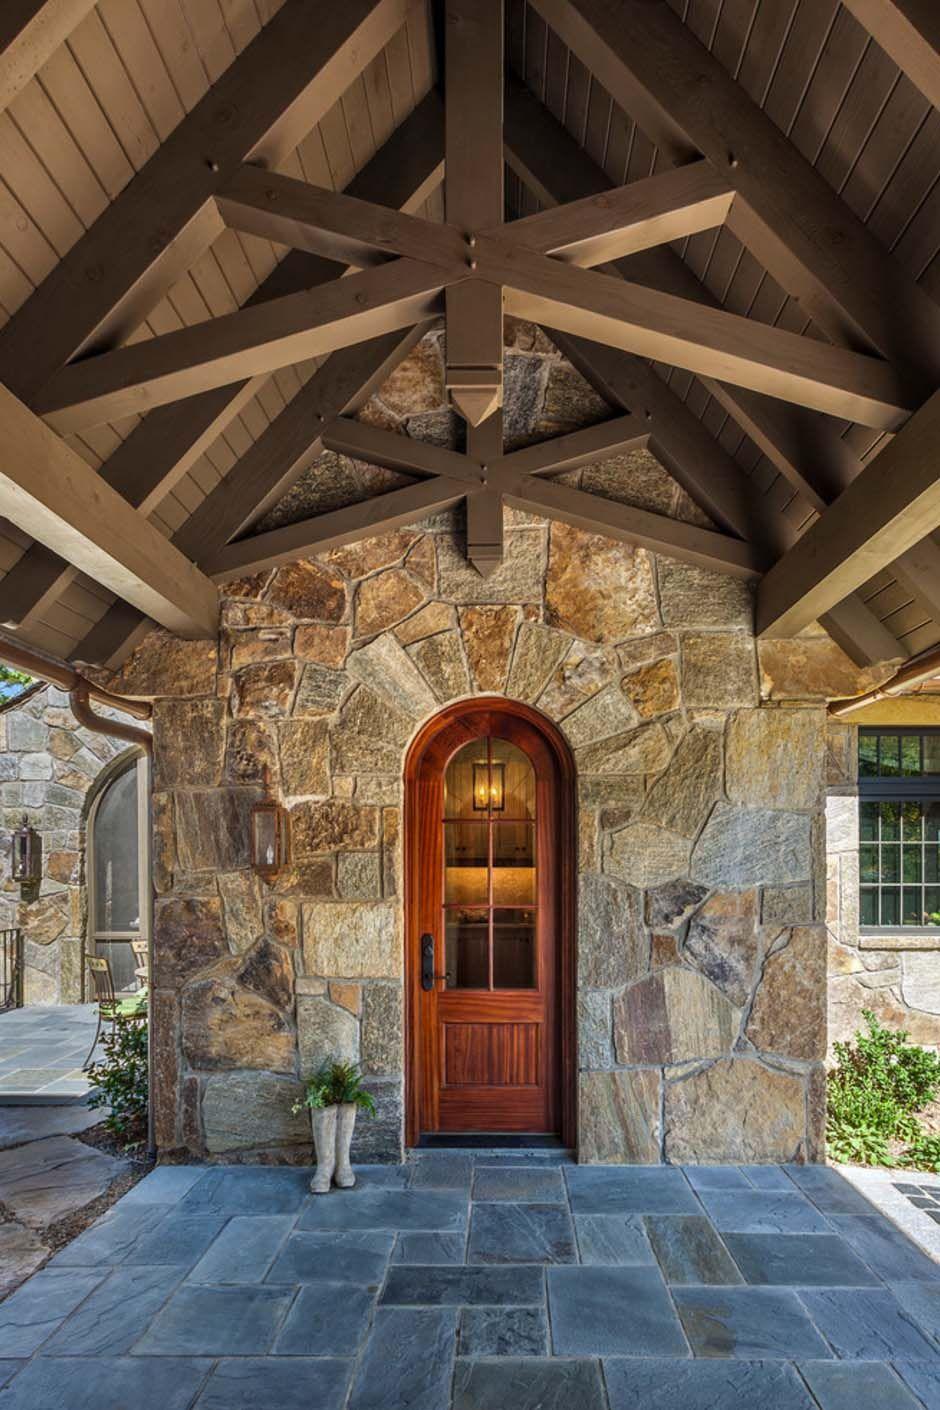 Delightful European Inspired Dwelling On Lake Keowee South Carolina Lake Keowee Stone Houses Lake Keowee South Carolina